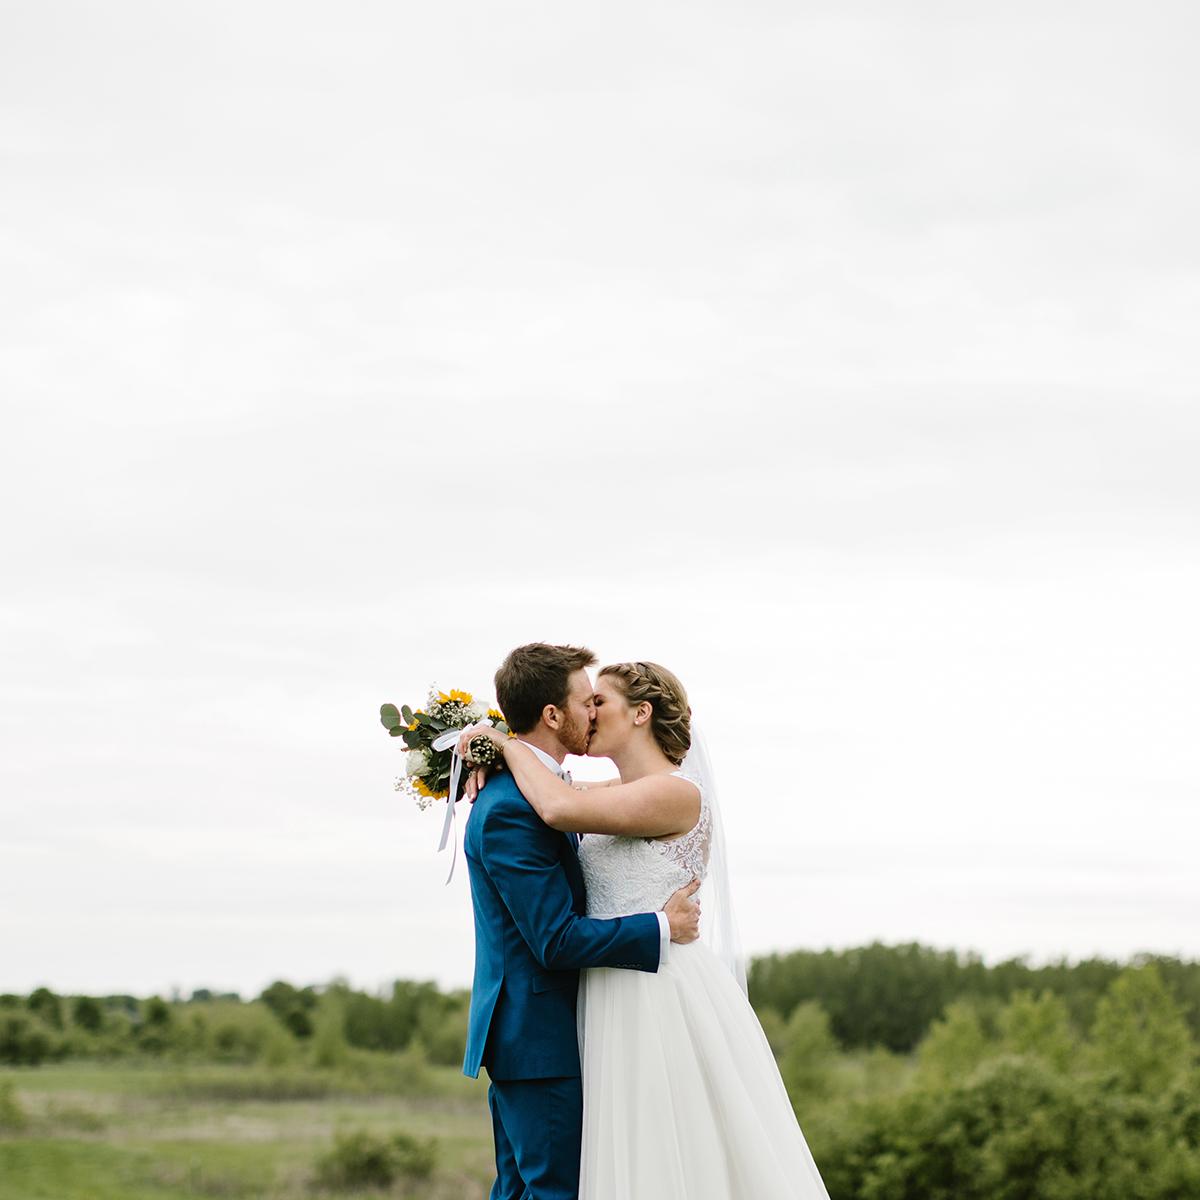 Sophia & Henry - Dellwood Barn Wedding